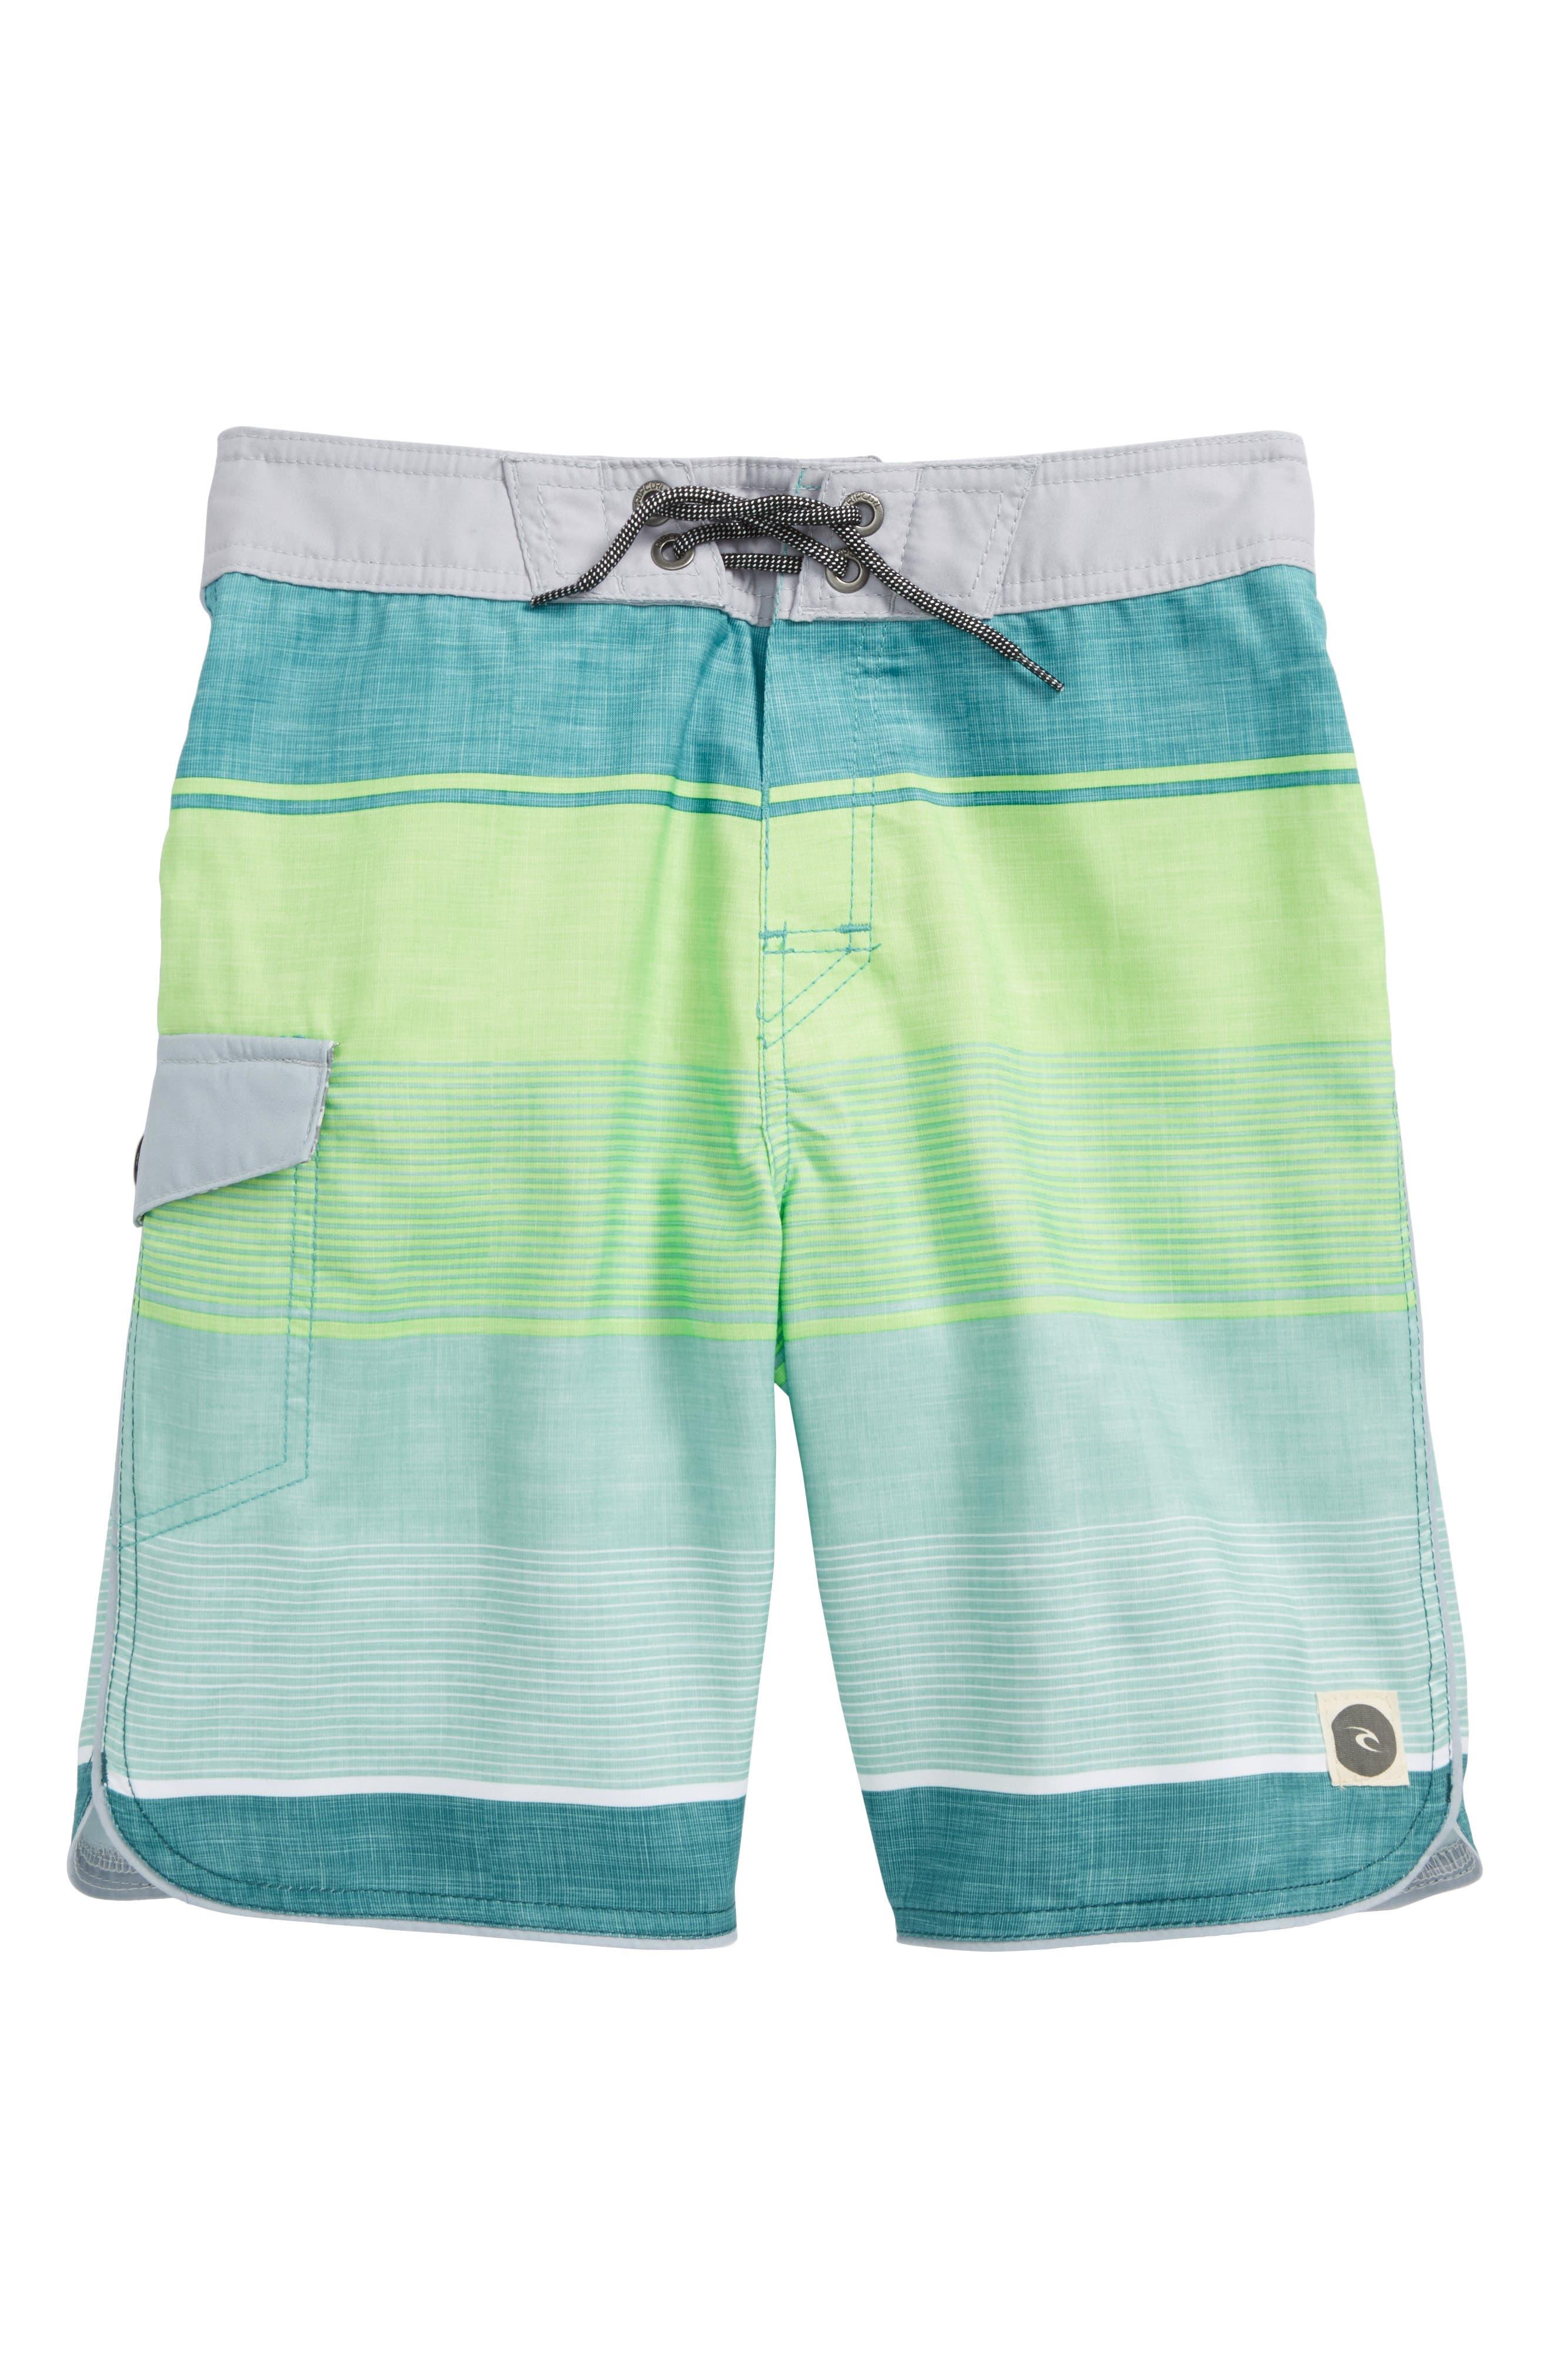 Good Vibes Board Shorts,                             Main thumbnail 1, color,                             Green